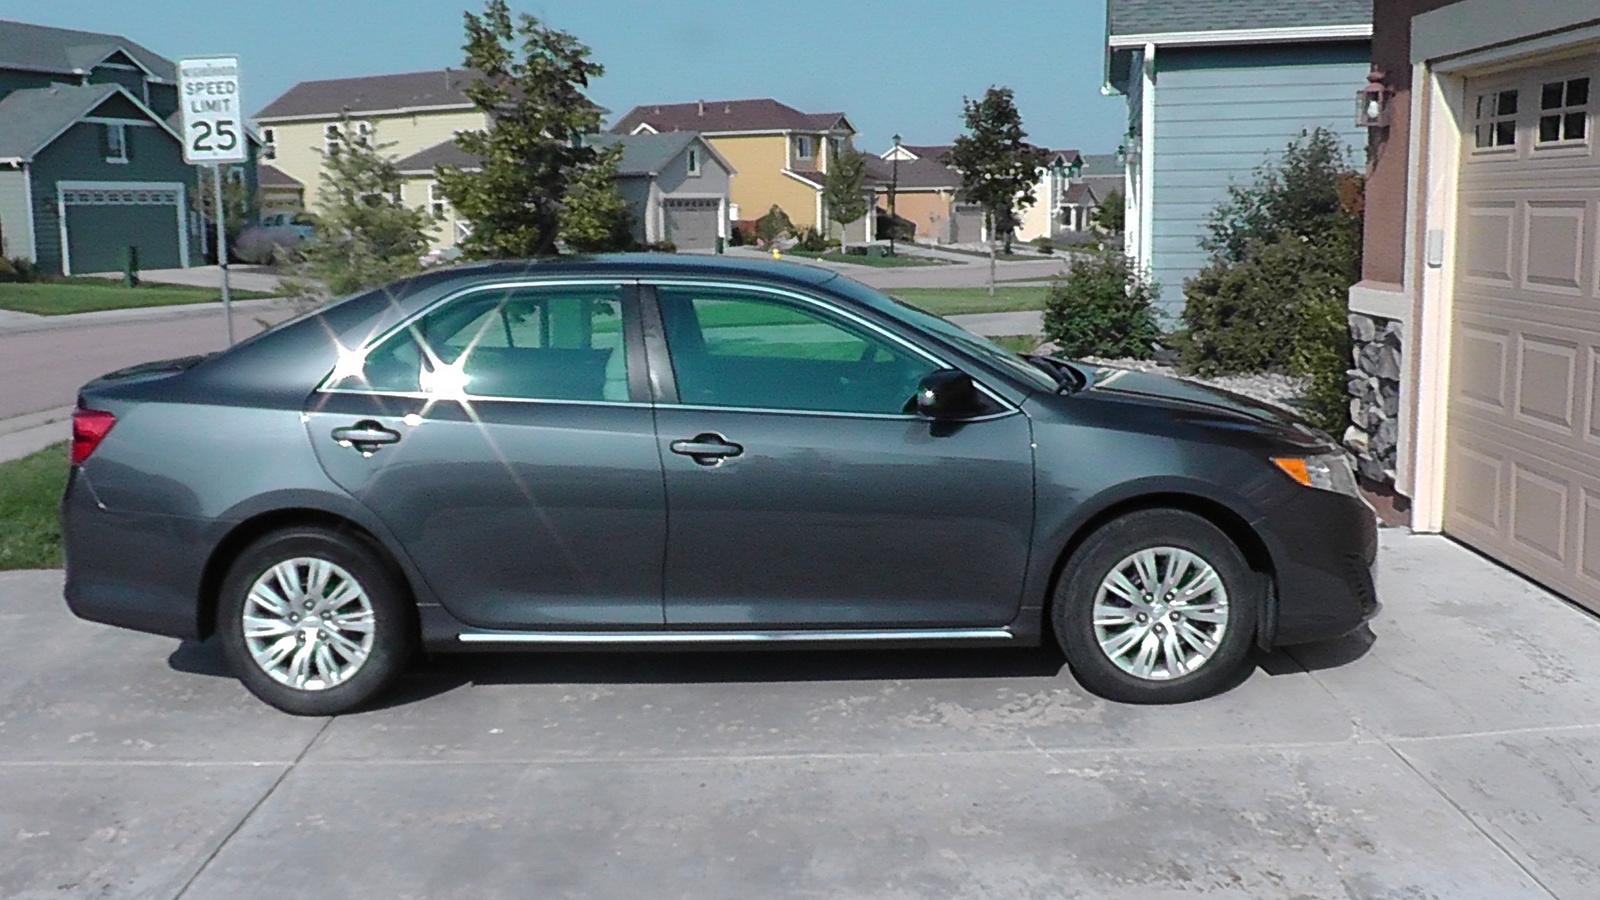 2012 Toyota Camry Exterior Pictures Cargurus